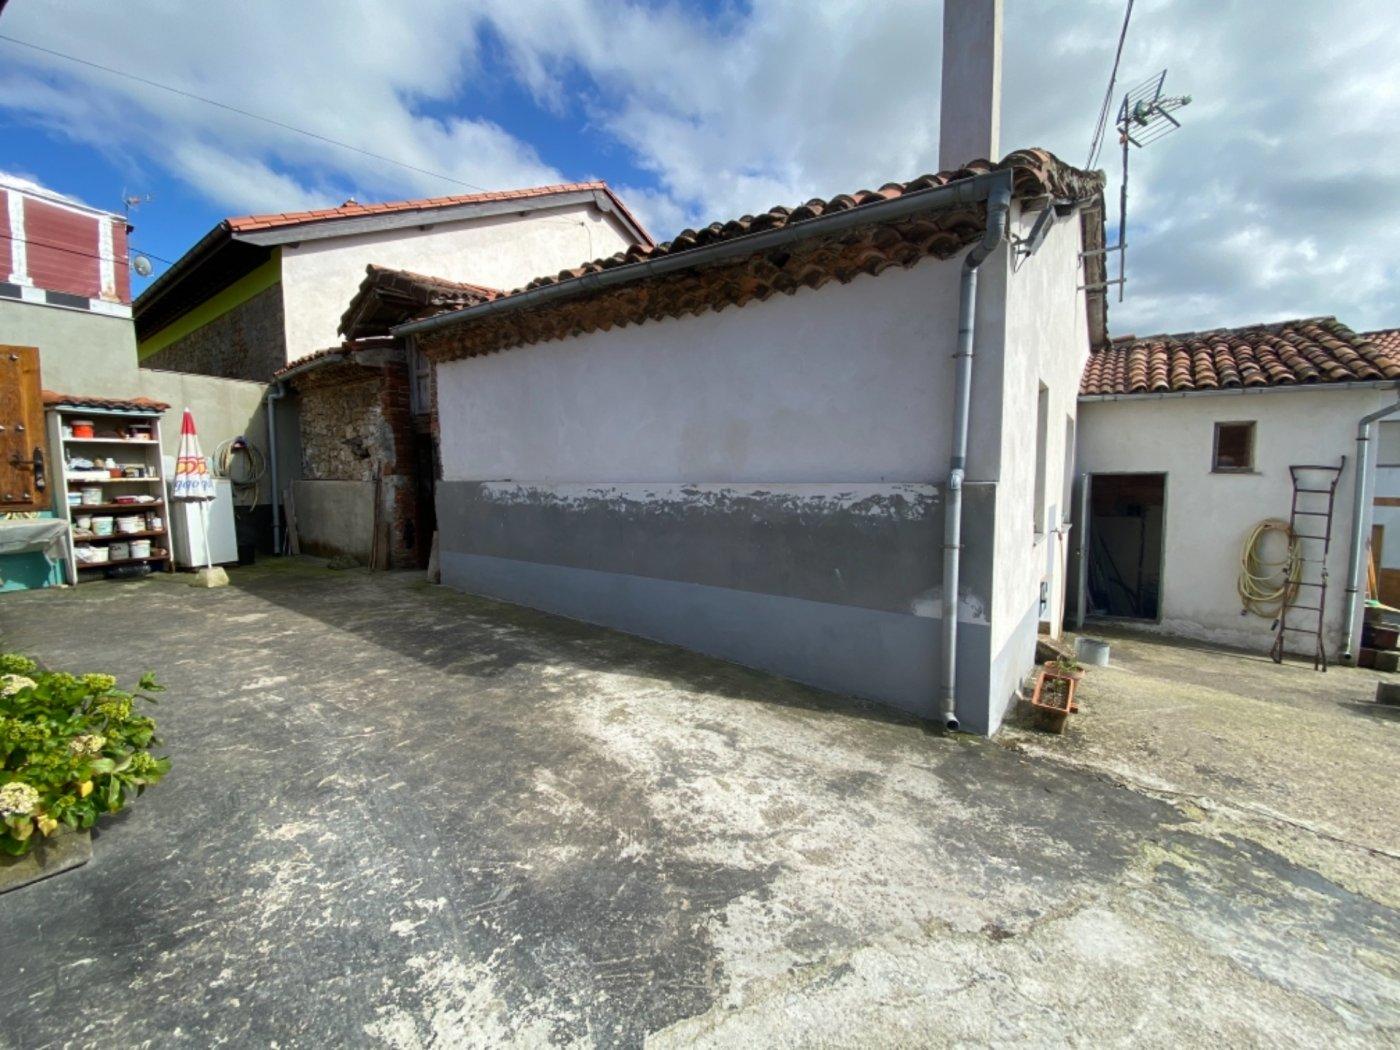 Casa zona piscinas de siero - imagenInmueble5